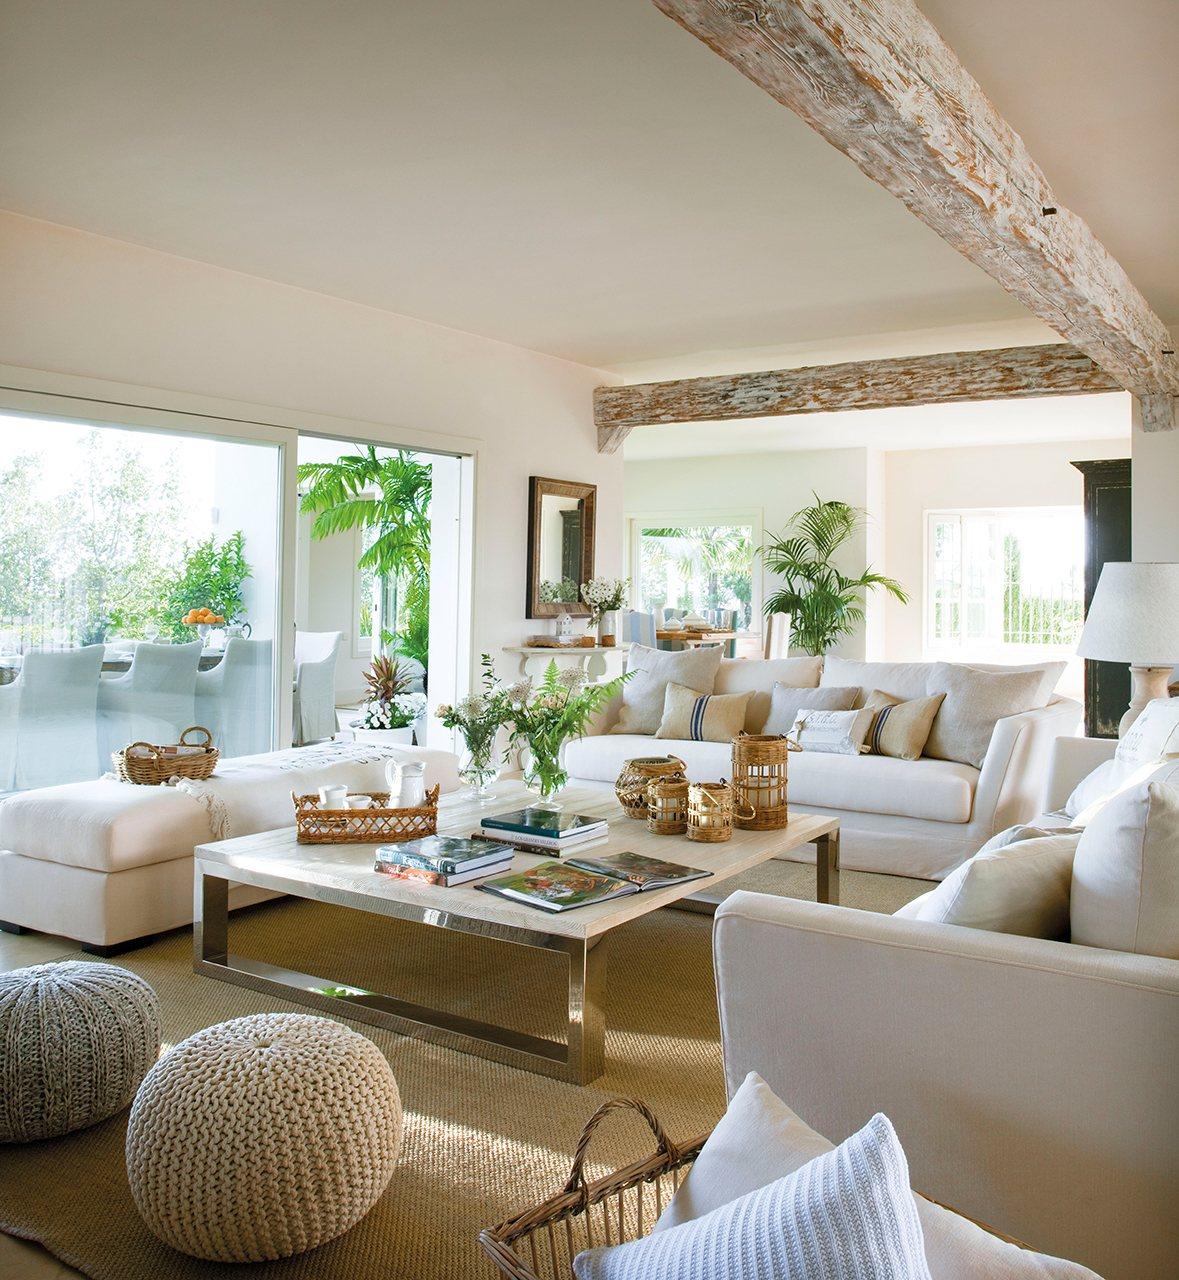 20 buenas ideas para decorar el salón con estilo